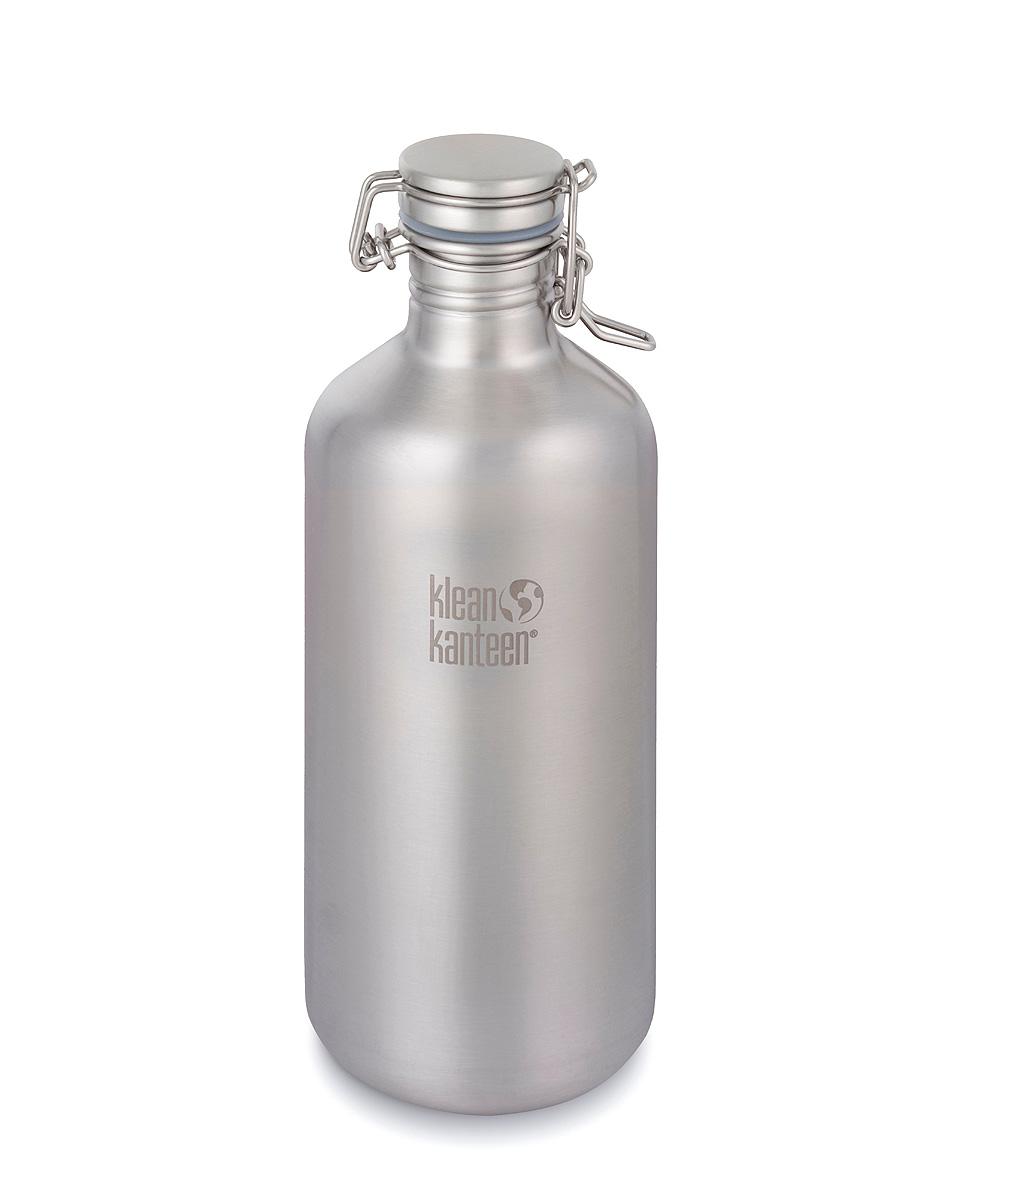 Klean Kanteen vattenflaska growler 1900 ml